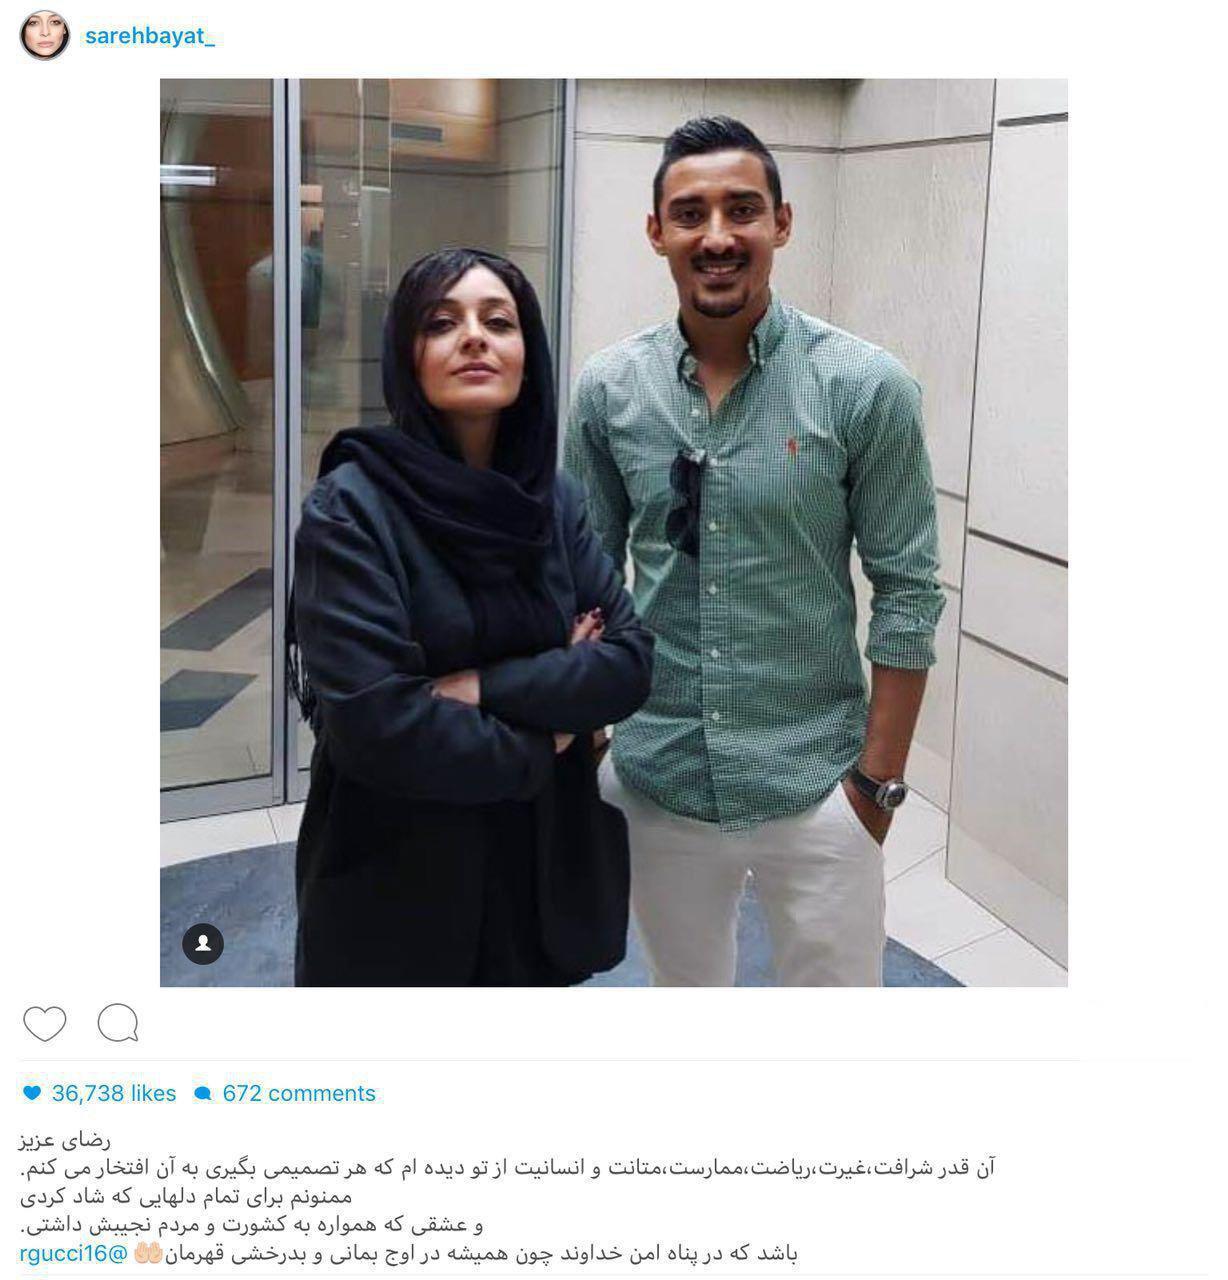 پست اینستاگرامی ساره بیات برای رضا قوچان نژاد (عکس)